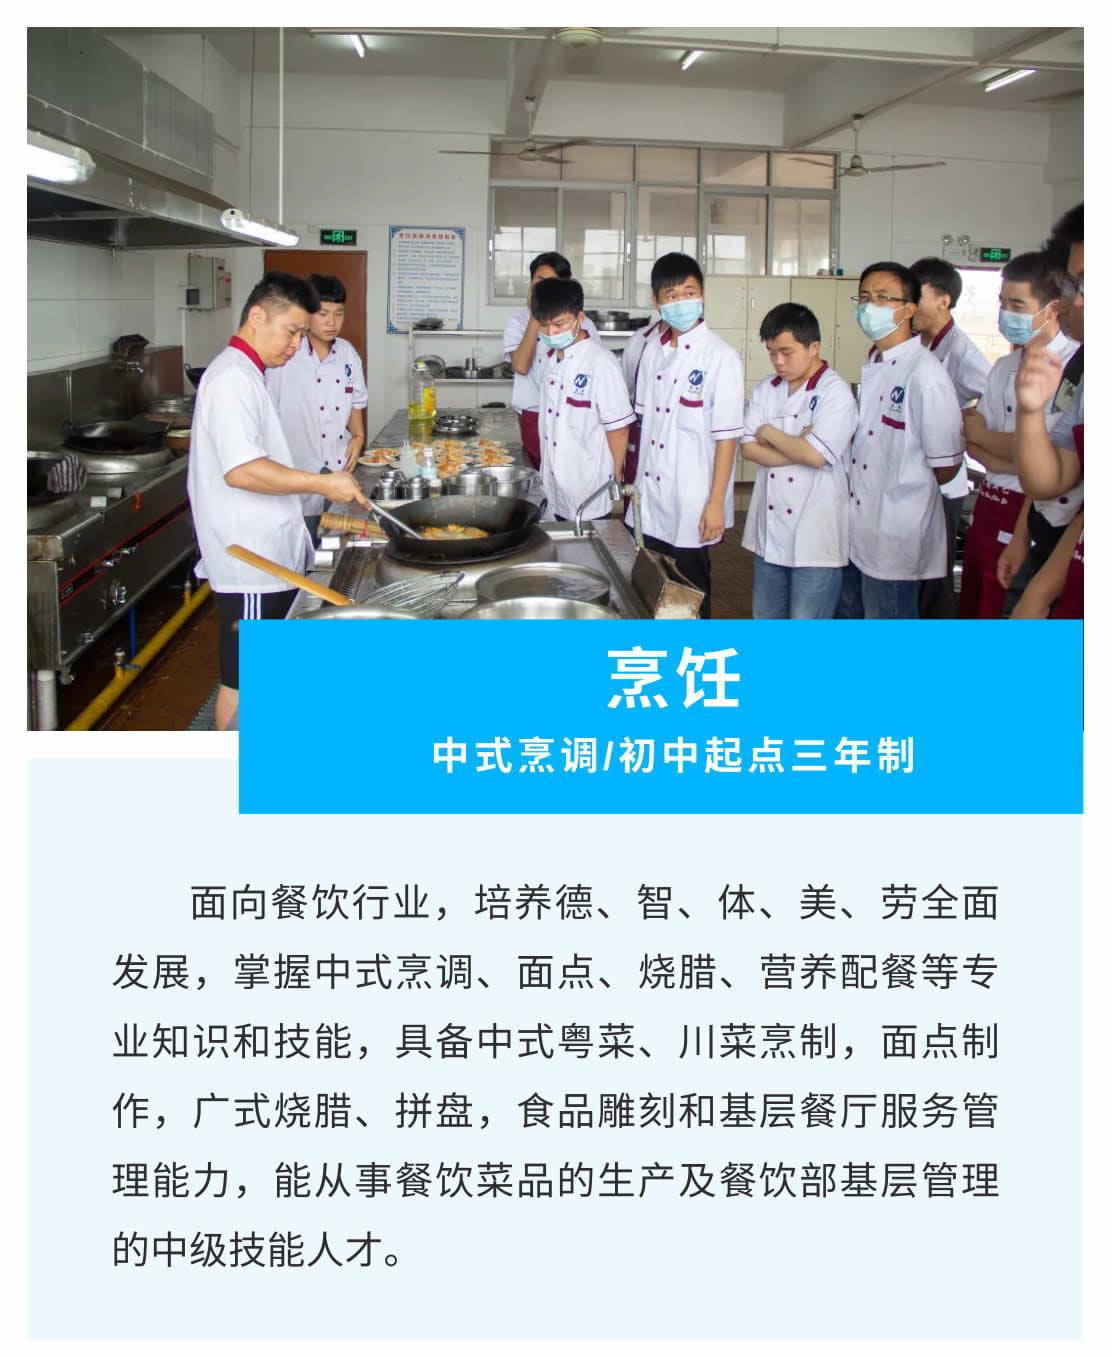 烹饪(中式烹调_初中起点三年制)-1_r1_c1.jpg